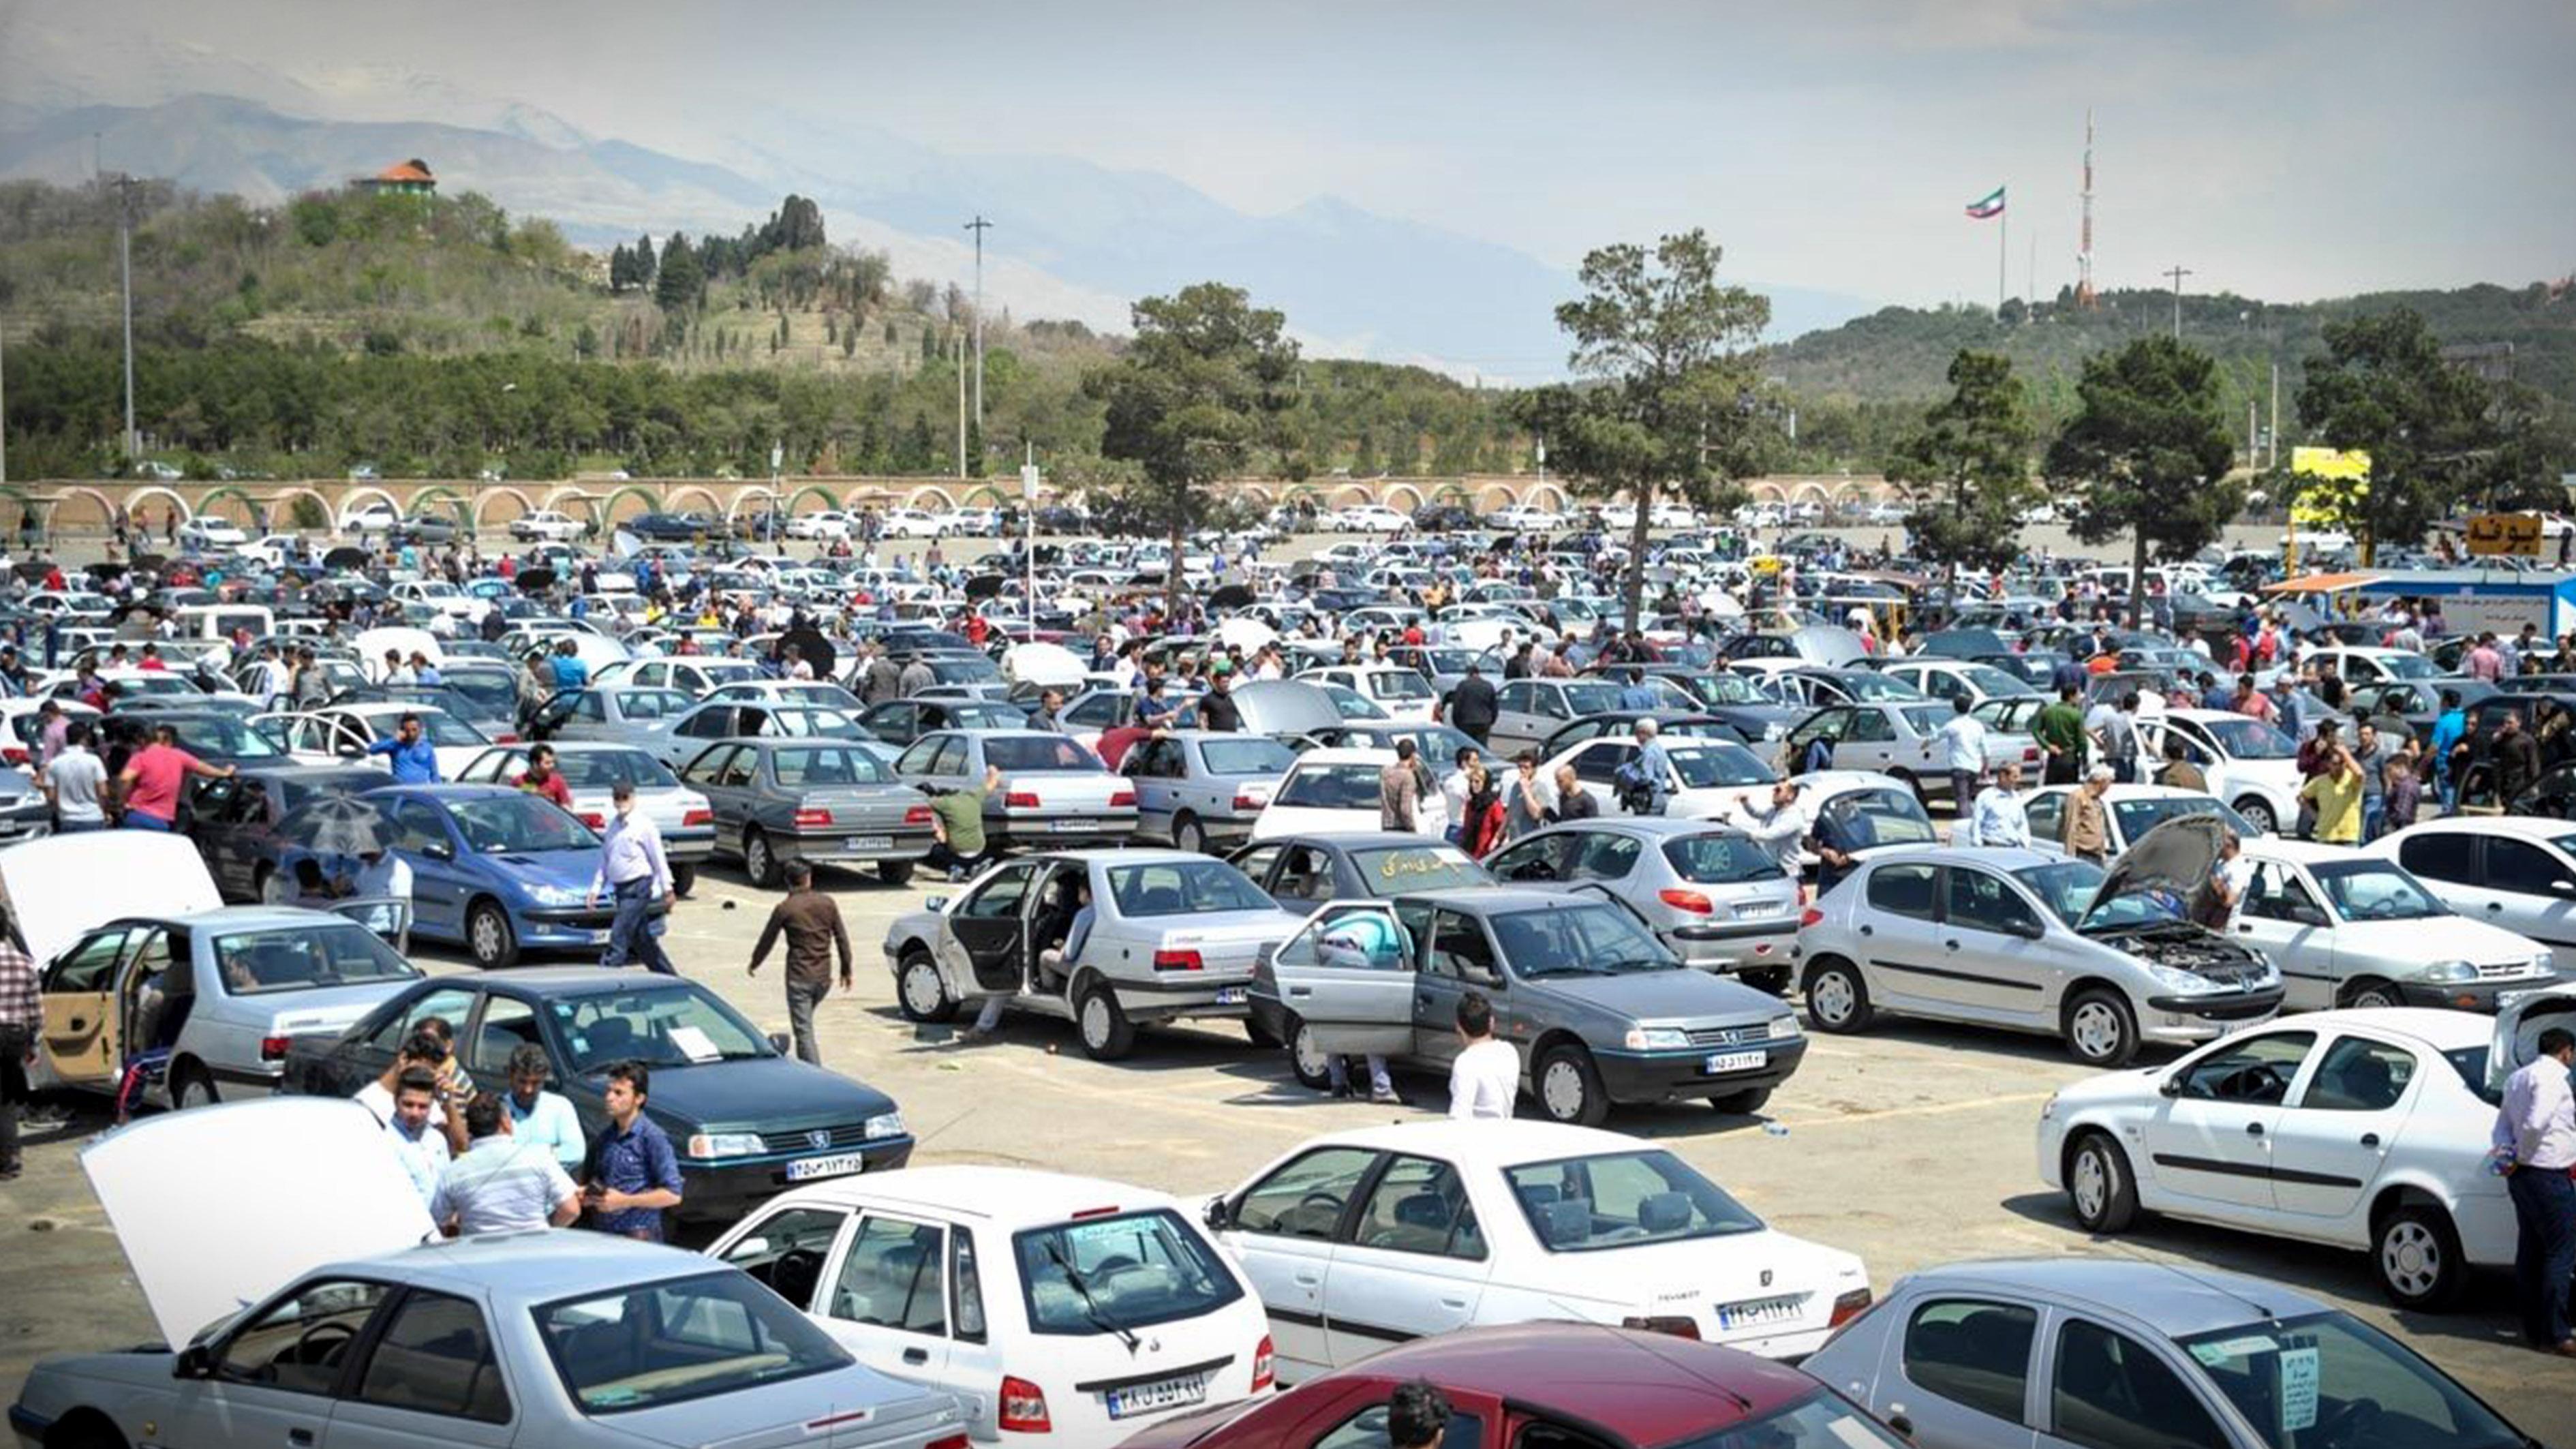 ناجی بازار خودرو کیست؟